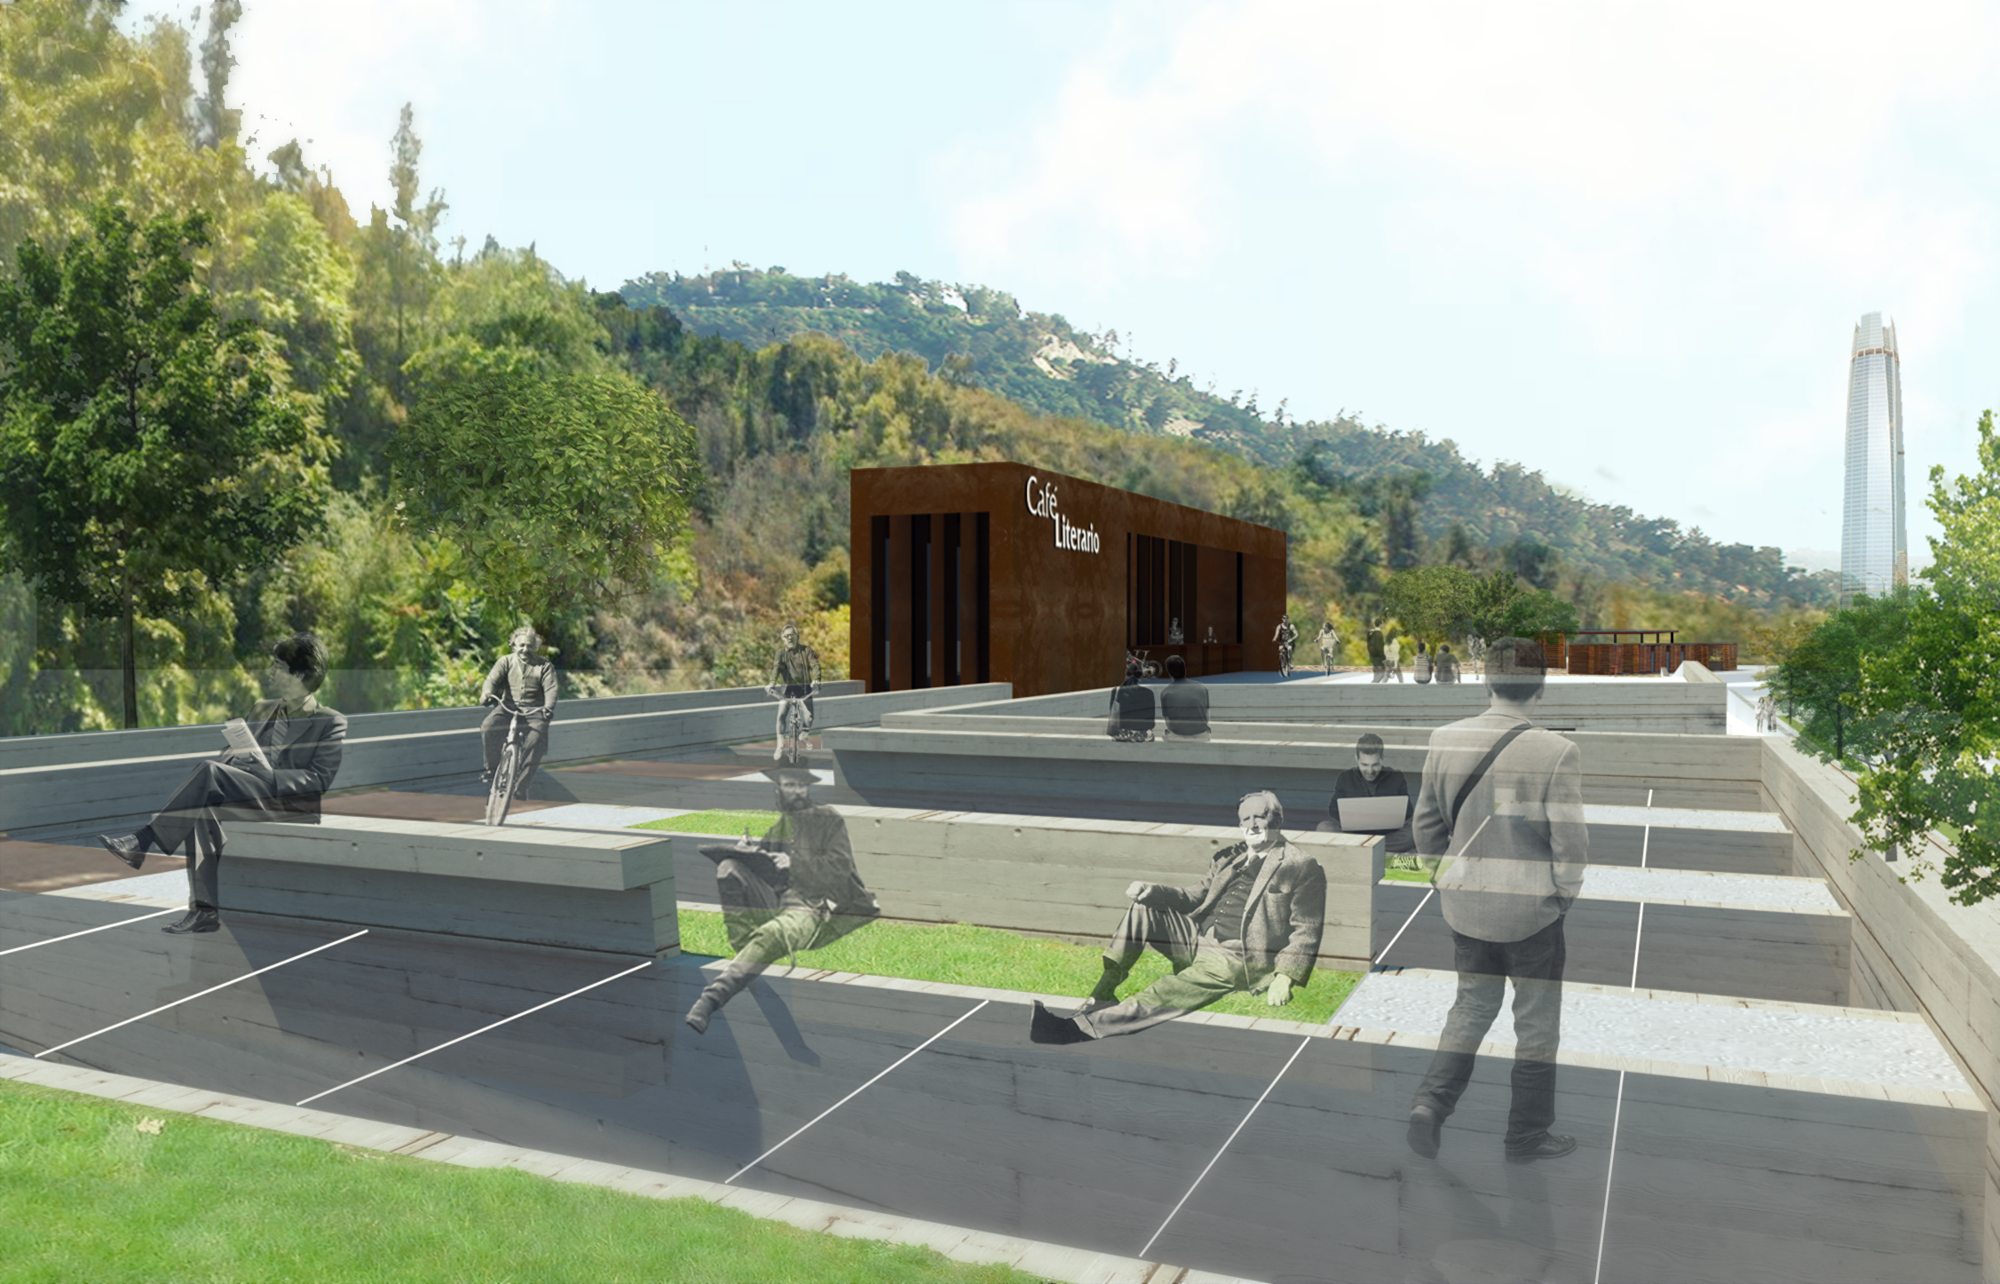 """III Concurso de Arquitectura Electrolux Fensa/Mademsa """"Proyectando un espacio público para la  integración comunal"""" / Categoría Estudiantes, Courtesy of Equipo primer lugar"""